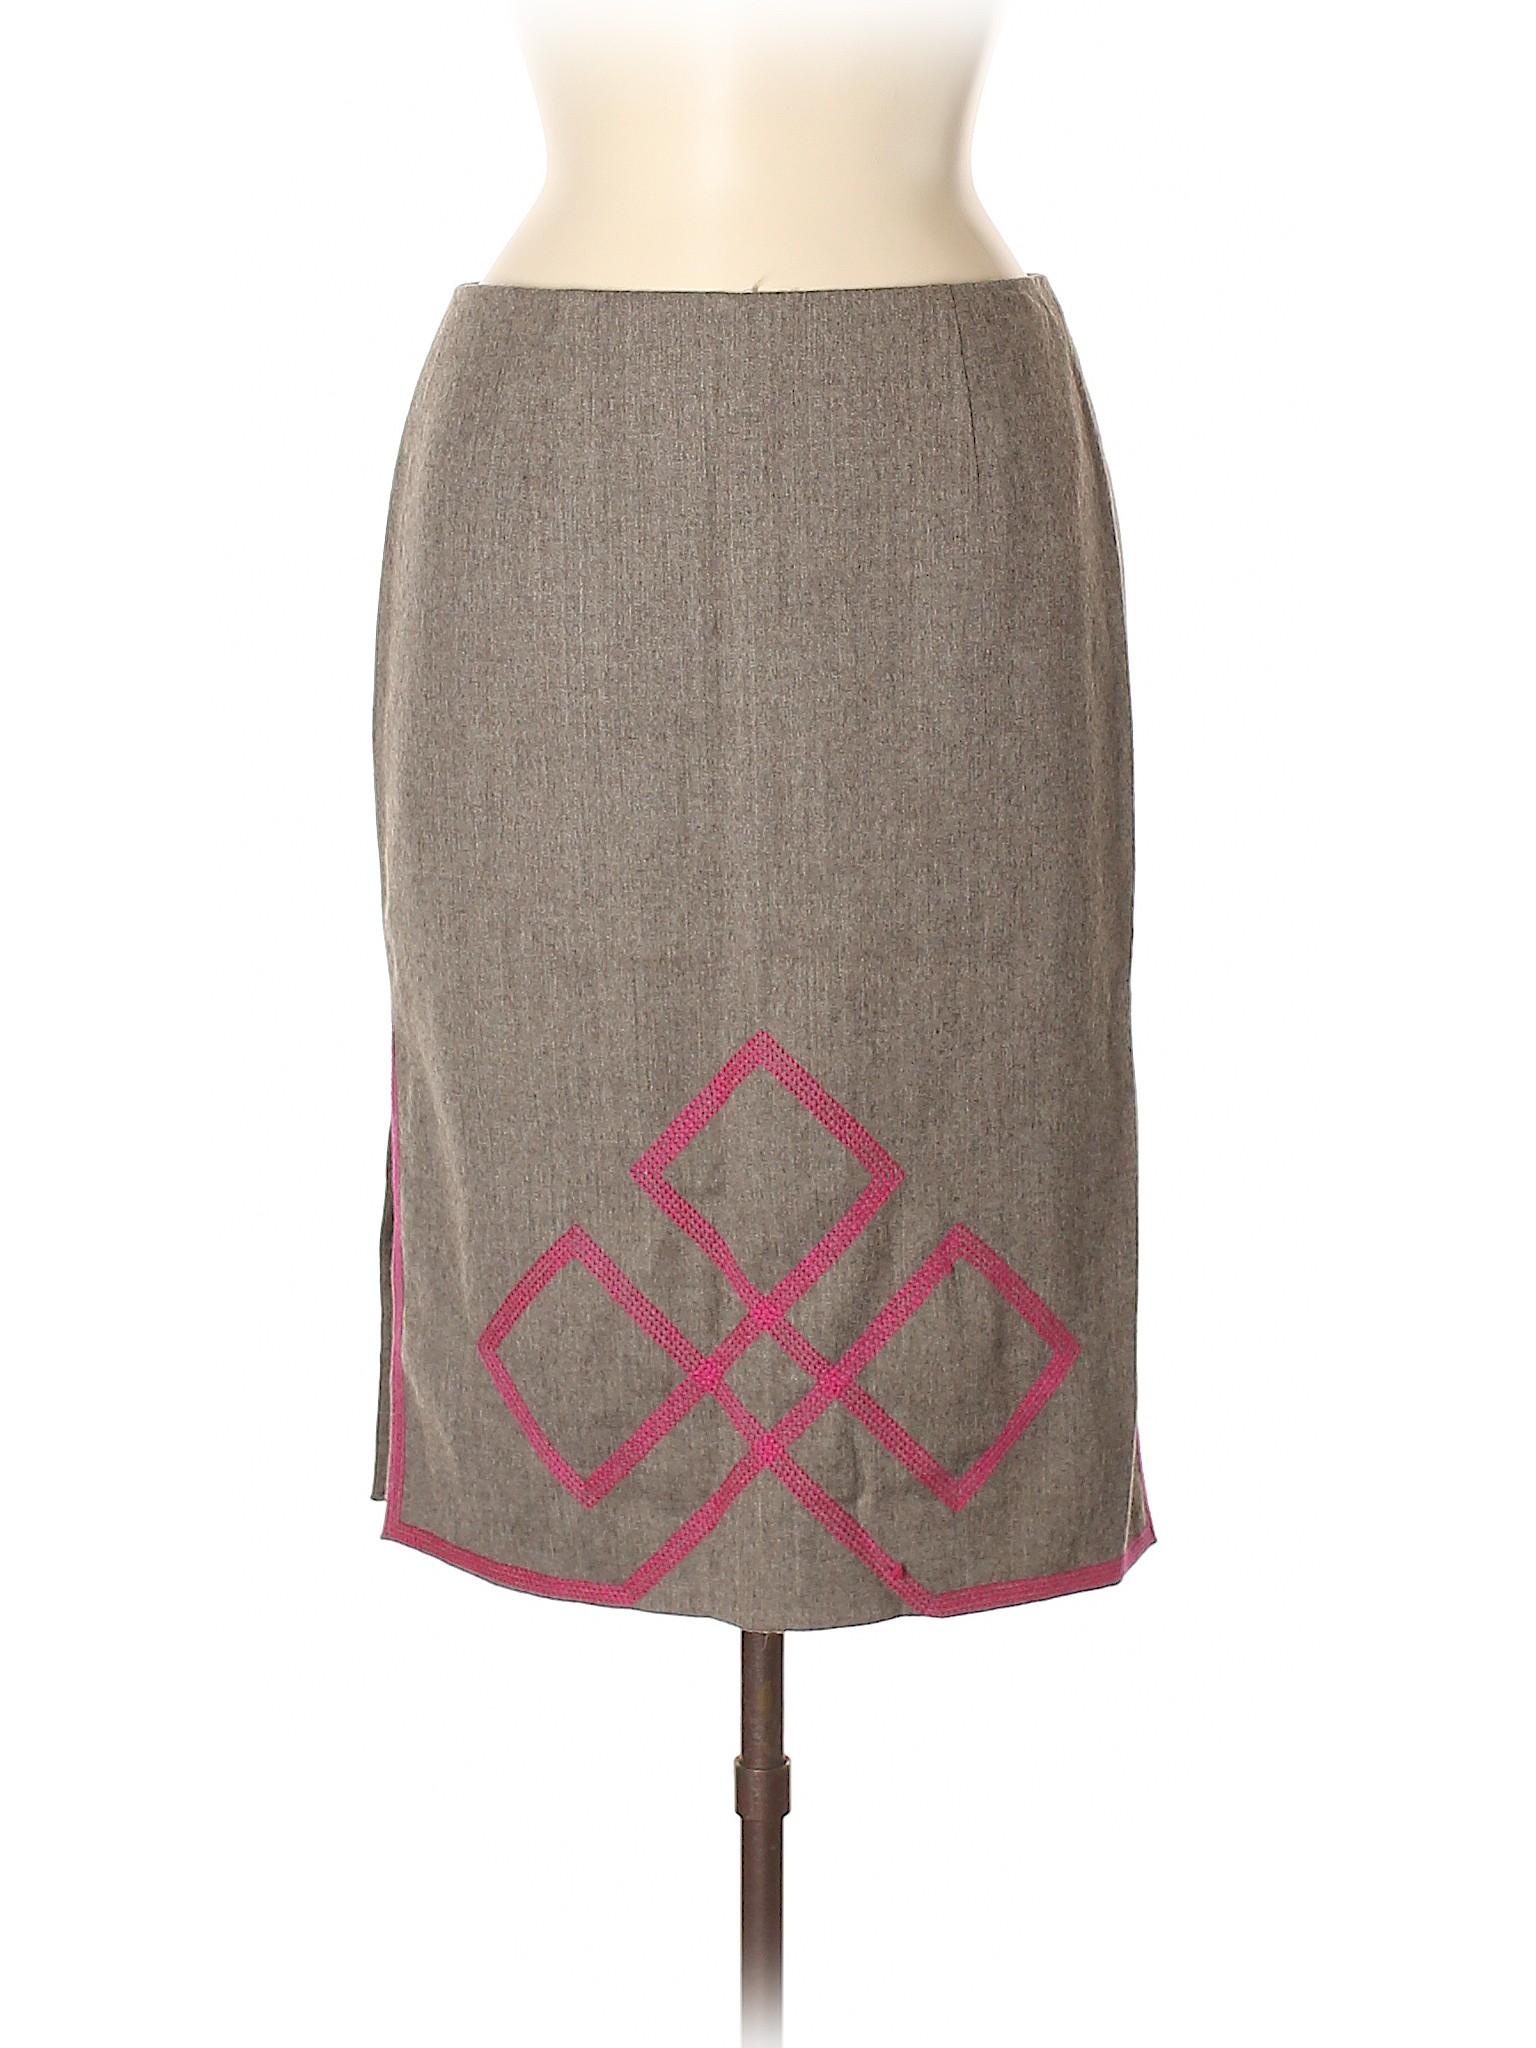 Boutique Skirt Skirt Wool Wool Boutique Wool Boutique Skirt Wool Wool Boutique Skirt Boutique 6E7YUqq